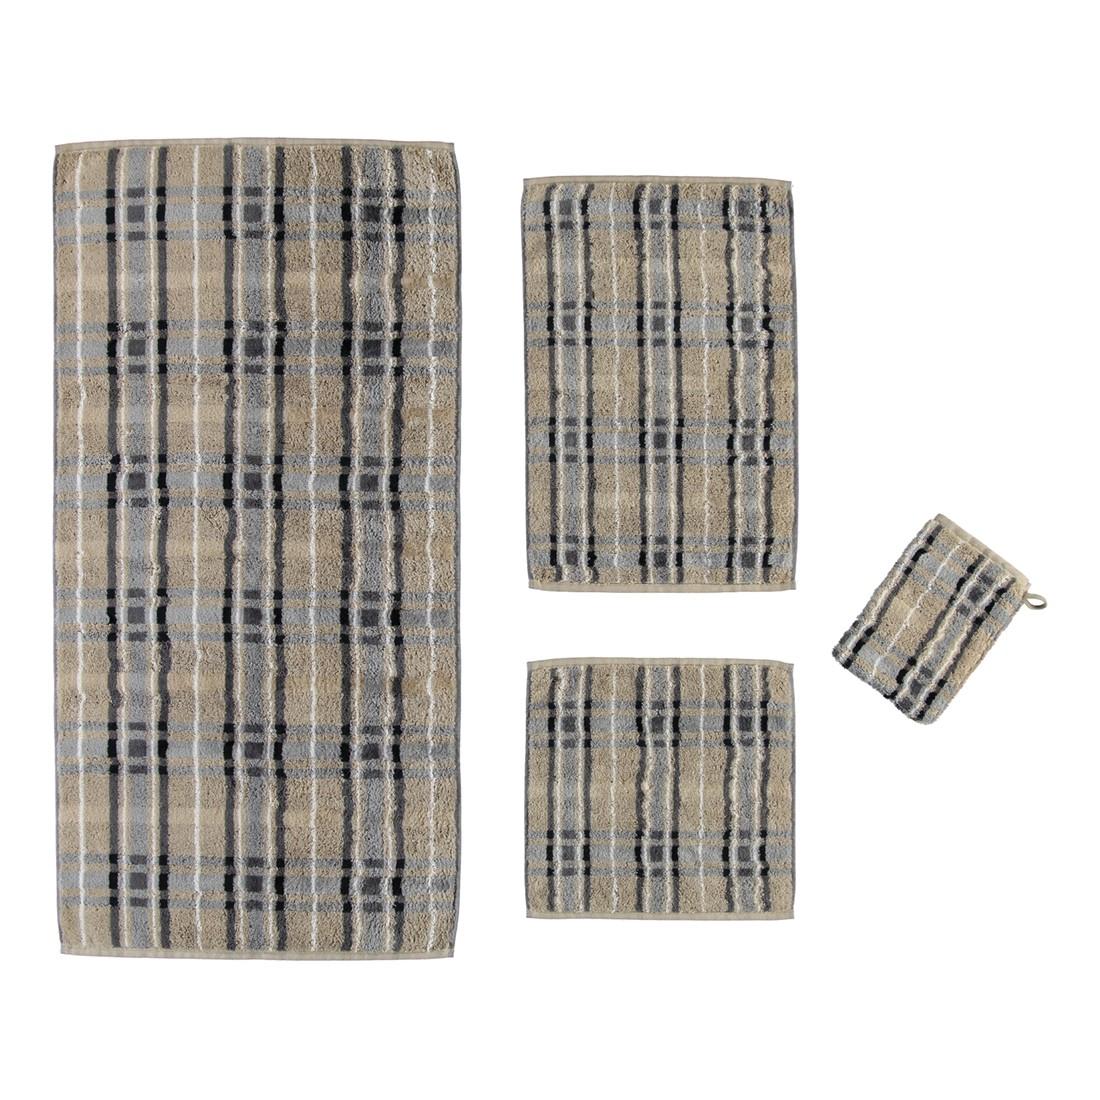 Handtuch Noblesse Check – 100% Baumwolle Natur-graphit – 37 – Saunatuch: 80 x 200 cm, Cawö günstig